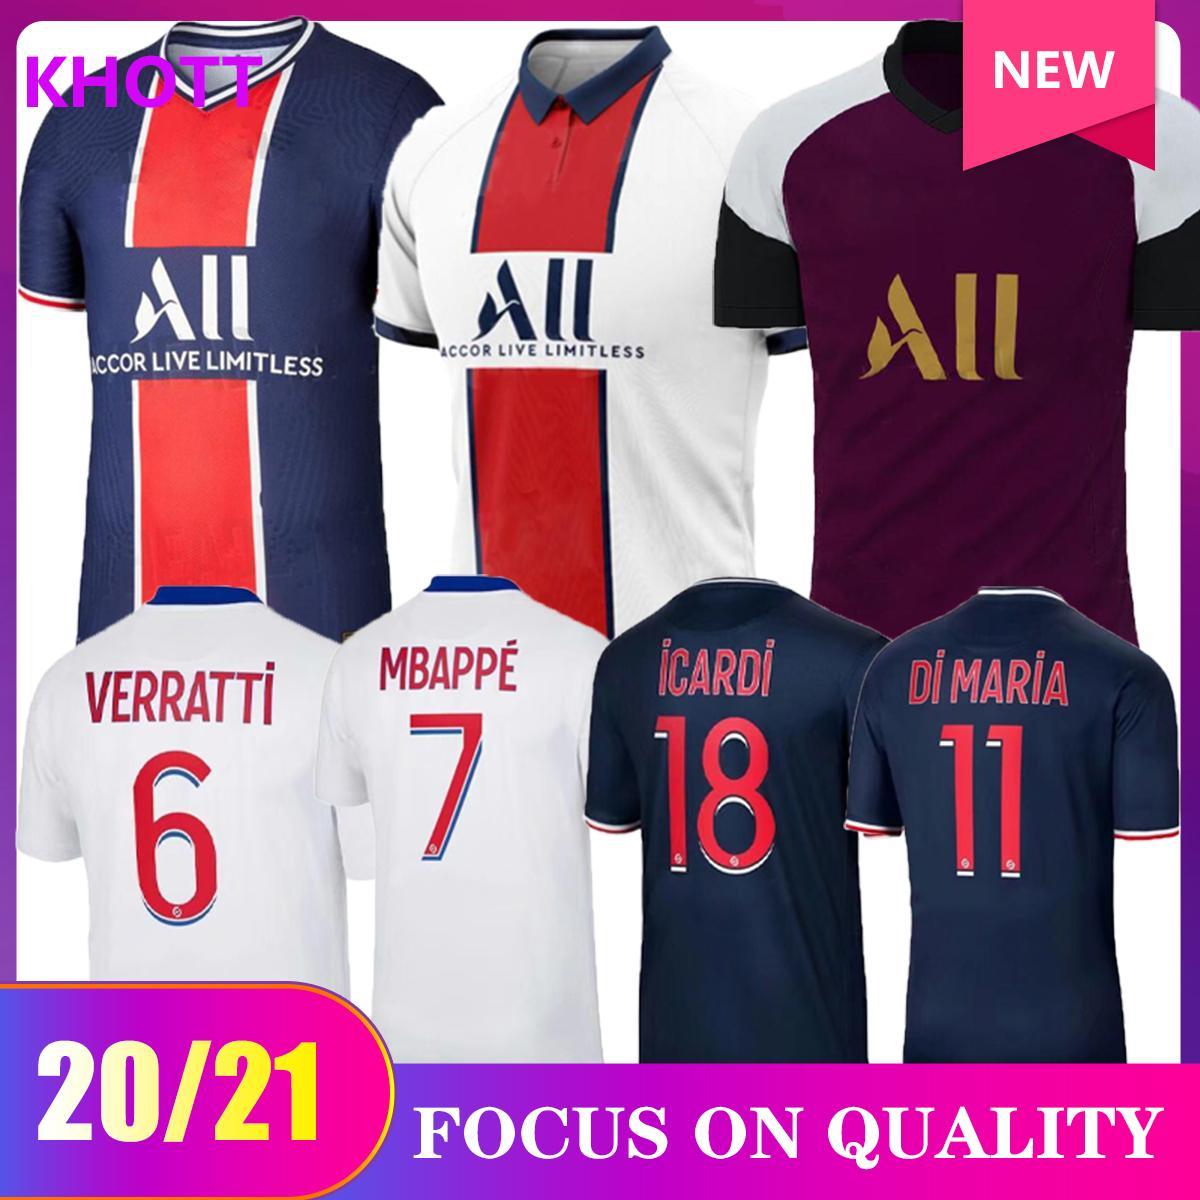 Kit di calcio Maillots de Football 20 21 Jersey di calcio 2020 2021 Mbappe Icardi Neyymar Camicia JR Men Bambini Set Uniforme Maillot de Foot Hommes Enfants